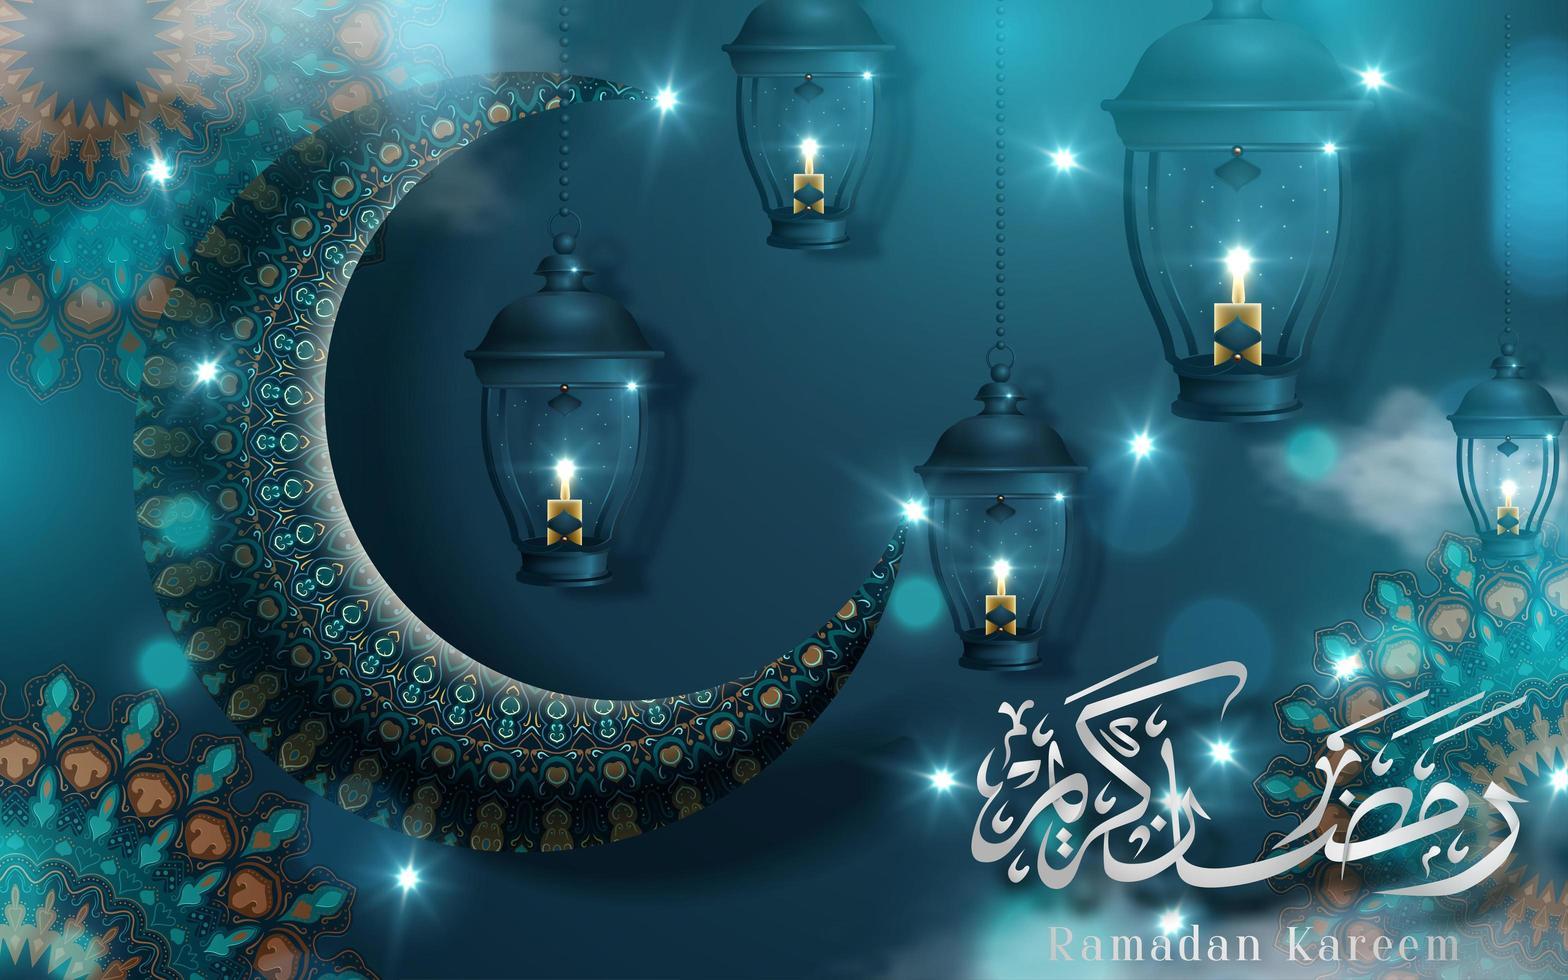 Ramadan Kareem Türkis Gruß mit Mond und Laternen vektor